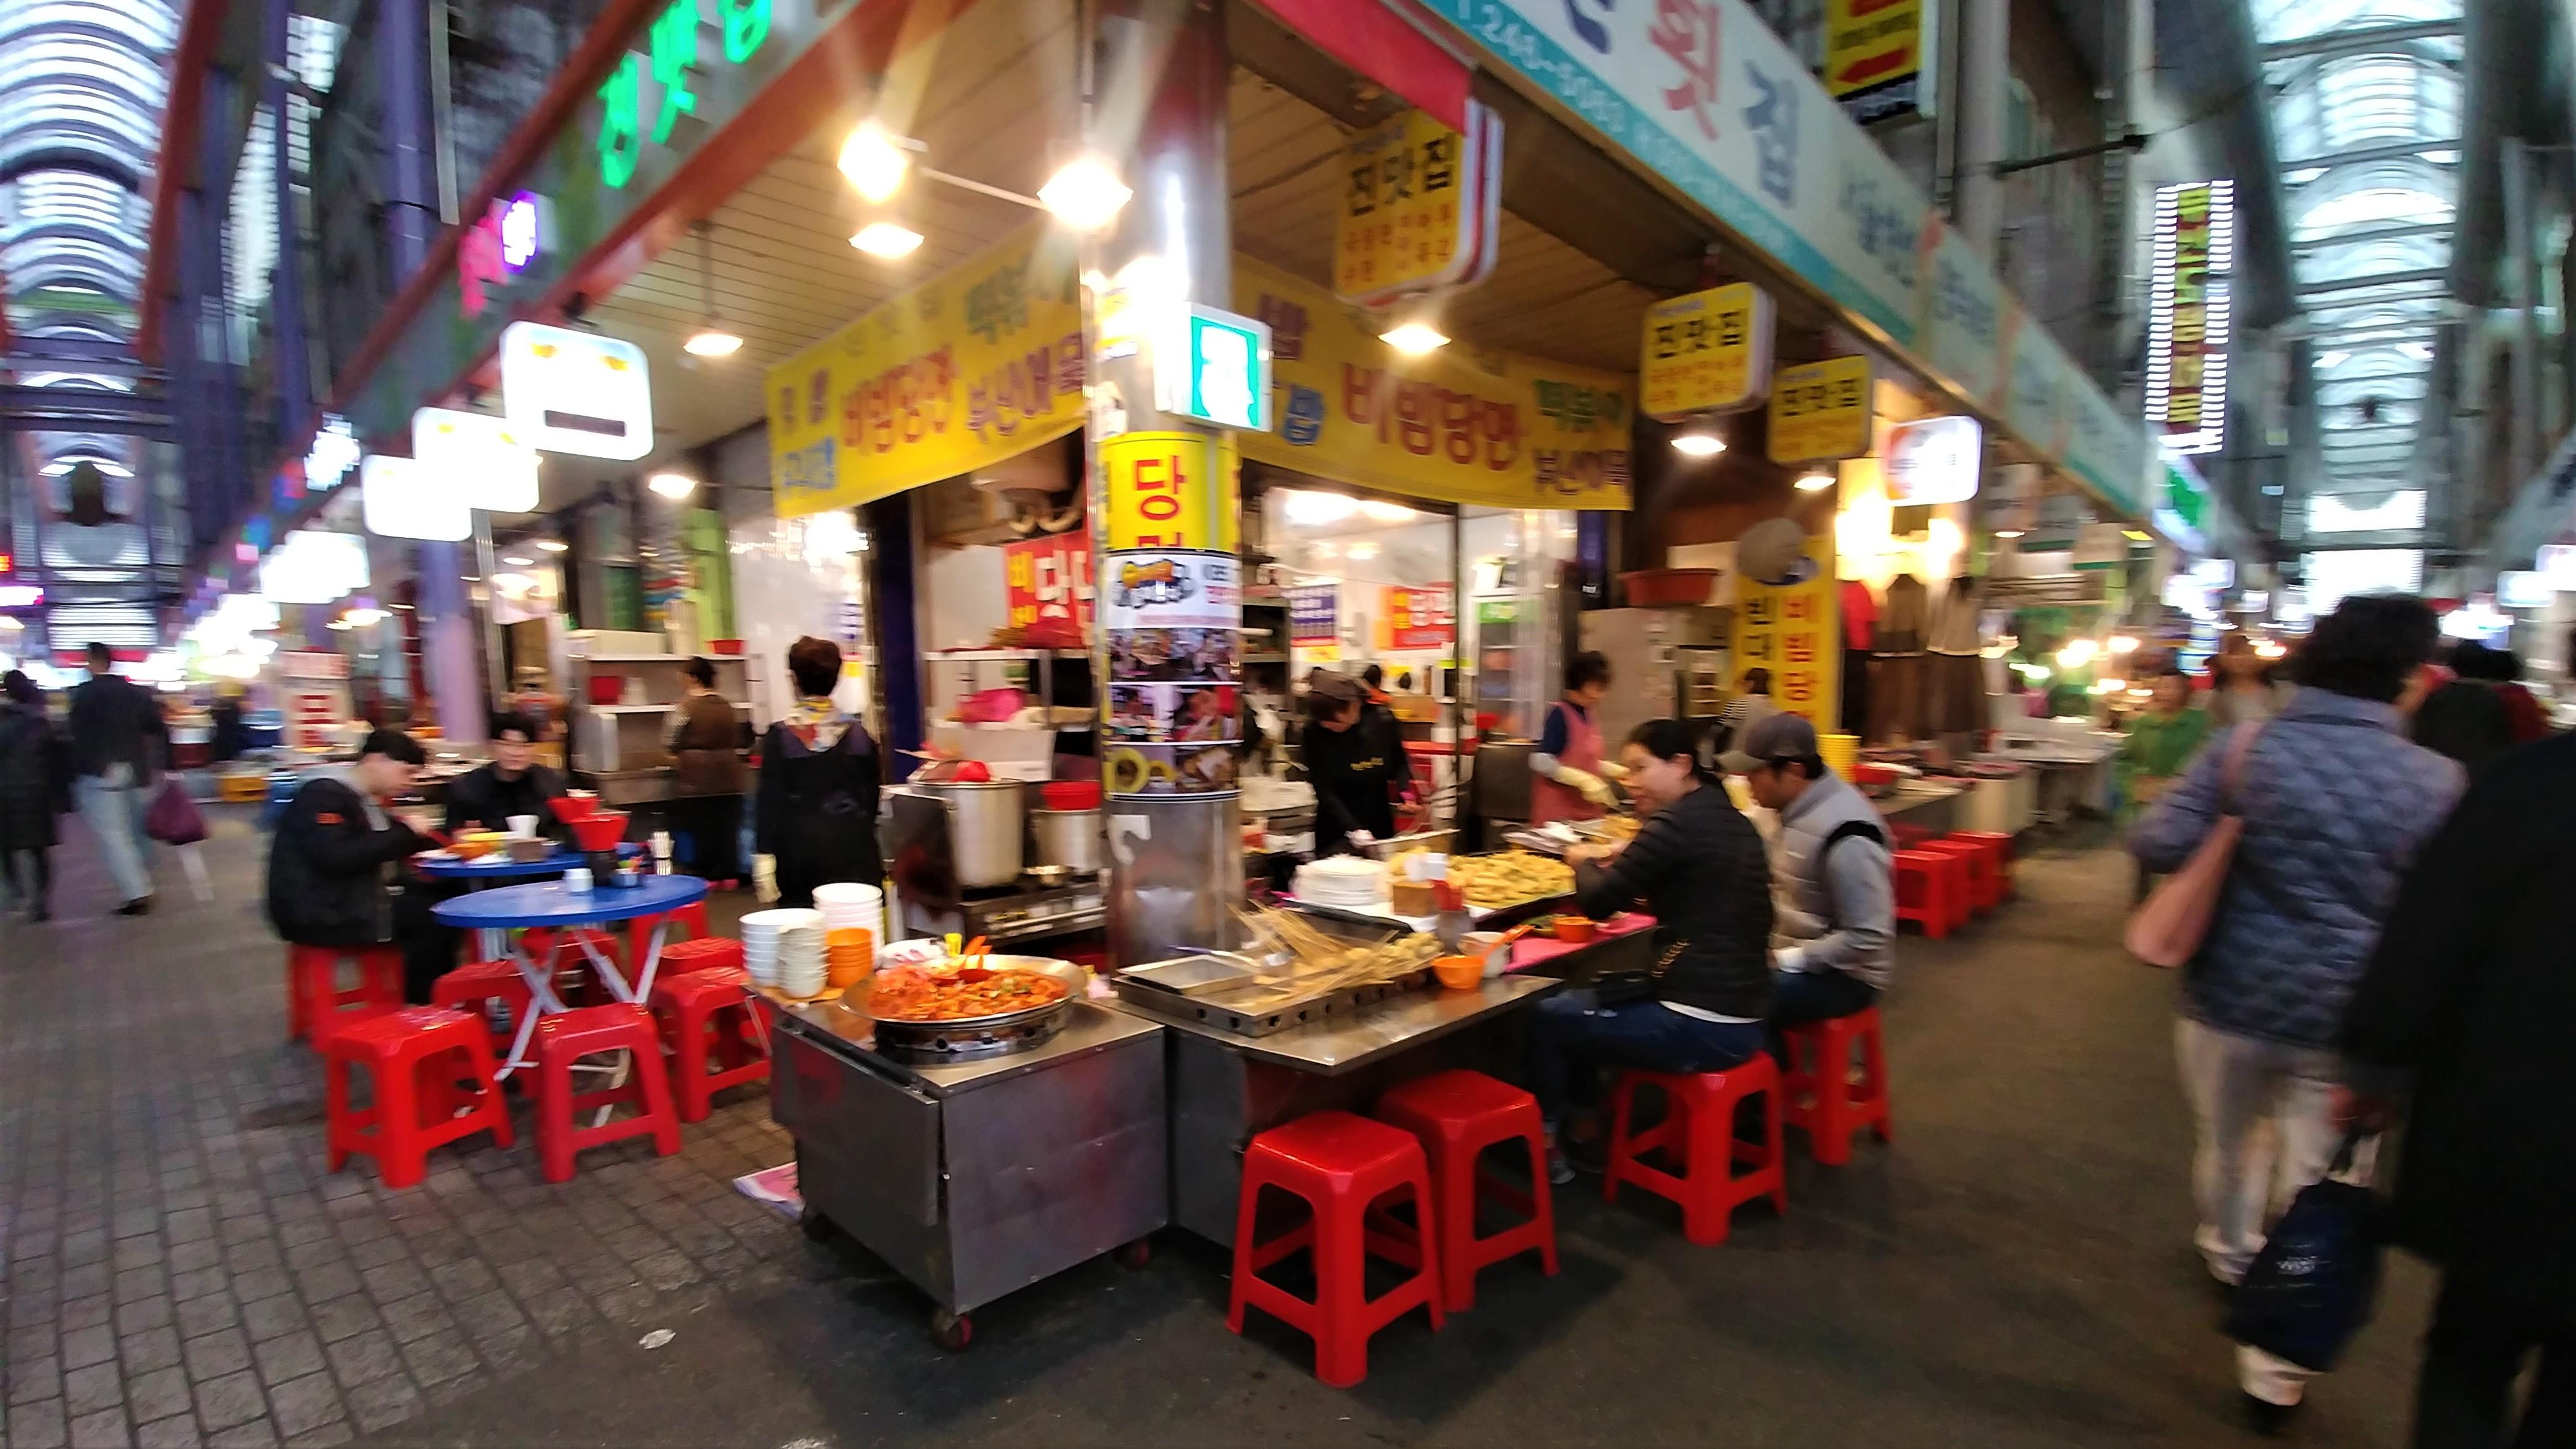 Busan marche gukje ou manger cuisine de rue blog voyage coree du sud arpenter le chemin